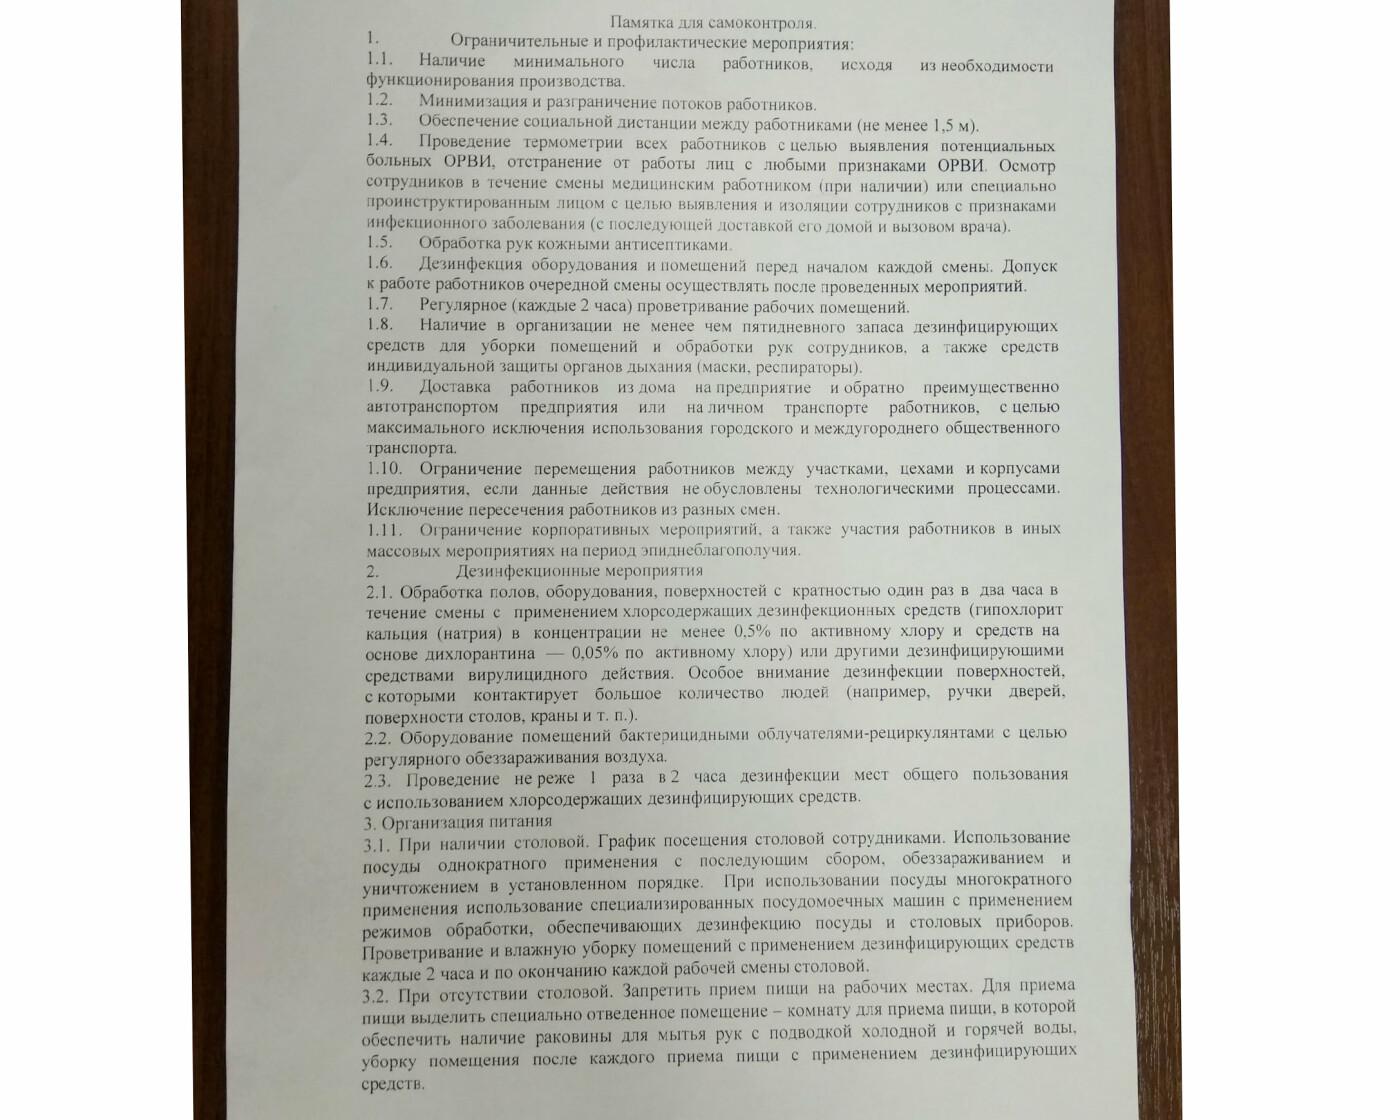 Елена Оглезнева: Чтобы не выйти к пику заболеваемости коронавирусом, нужно продолжать самоизоляцию, фото-2